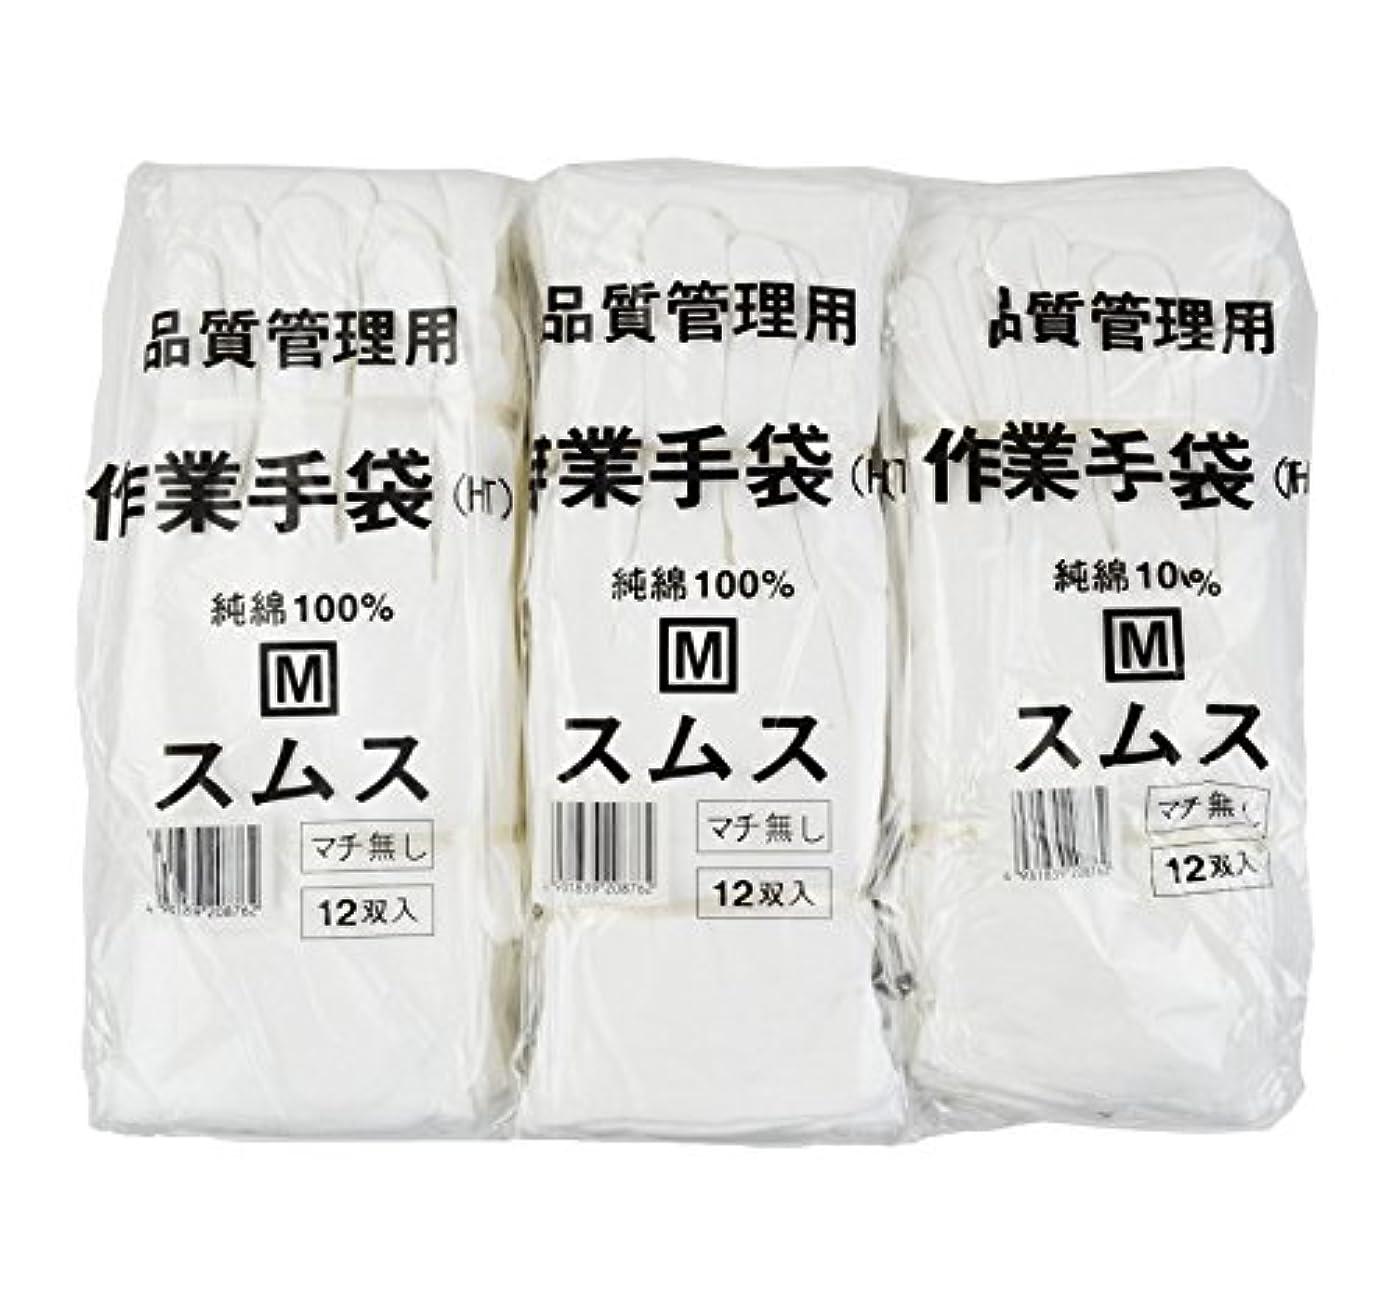 壮大な砦従事した【お得なセット売り】 純綿100% スムス 手袋 Mサイズ 12双×3袋セット 多用途 101116